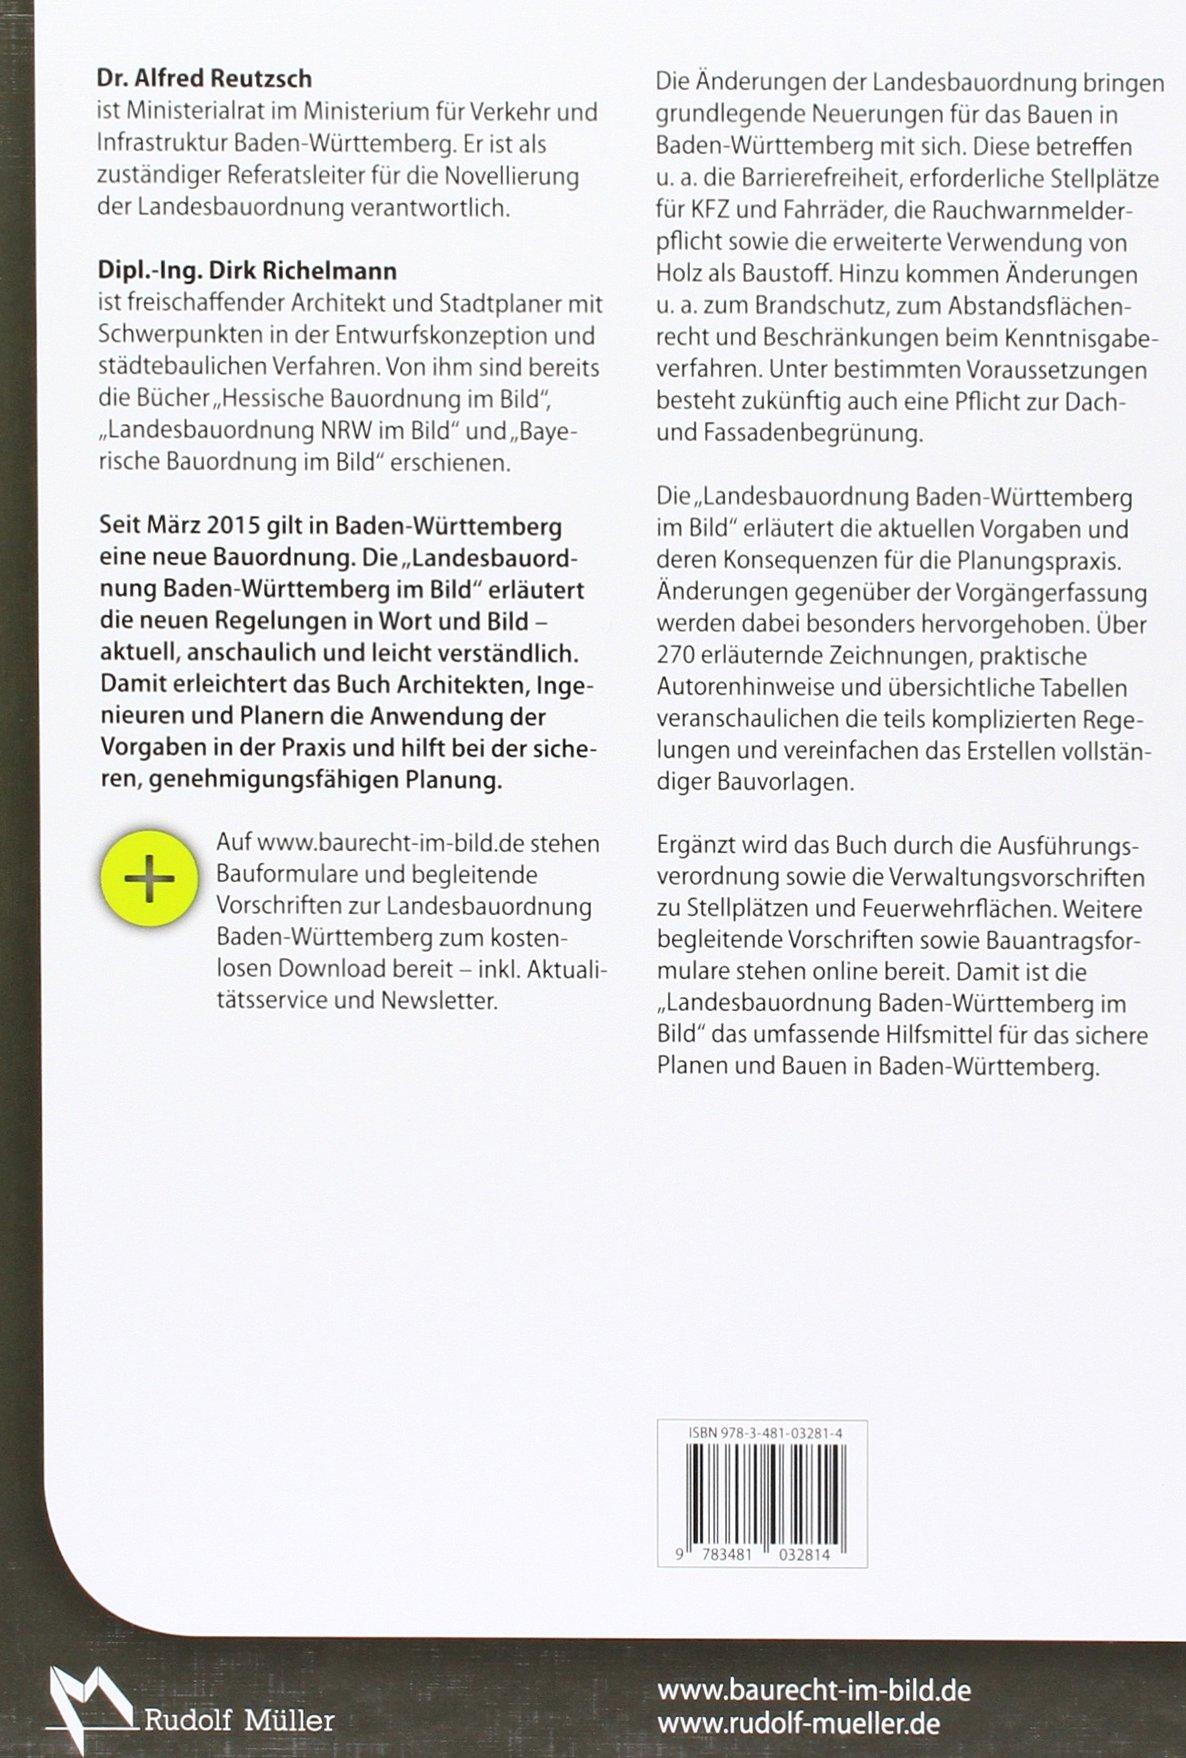 Landesbauordnung Baden Wurttemberg Im Bild Praktische Anwendung Fur